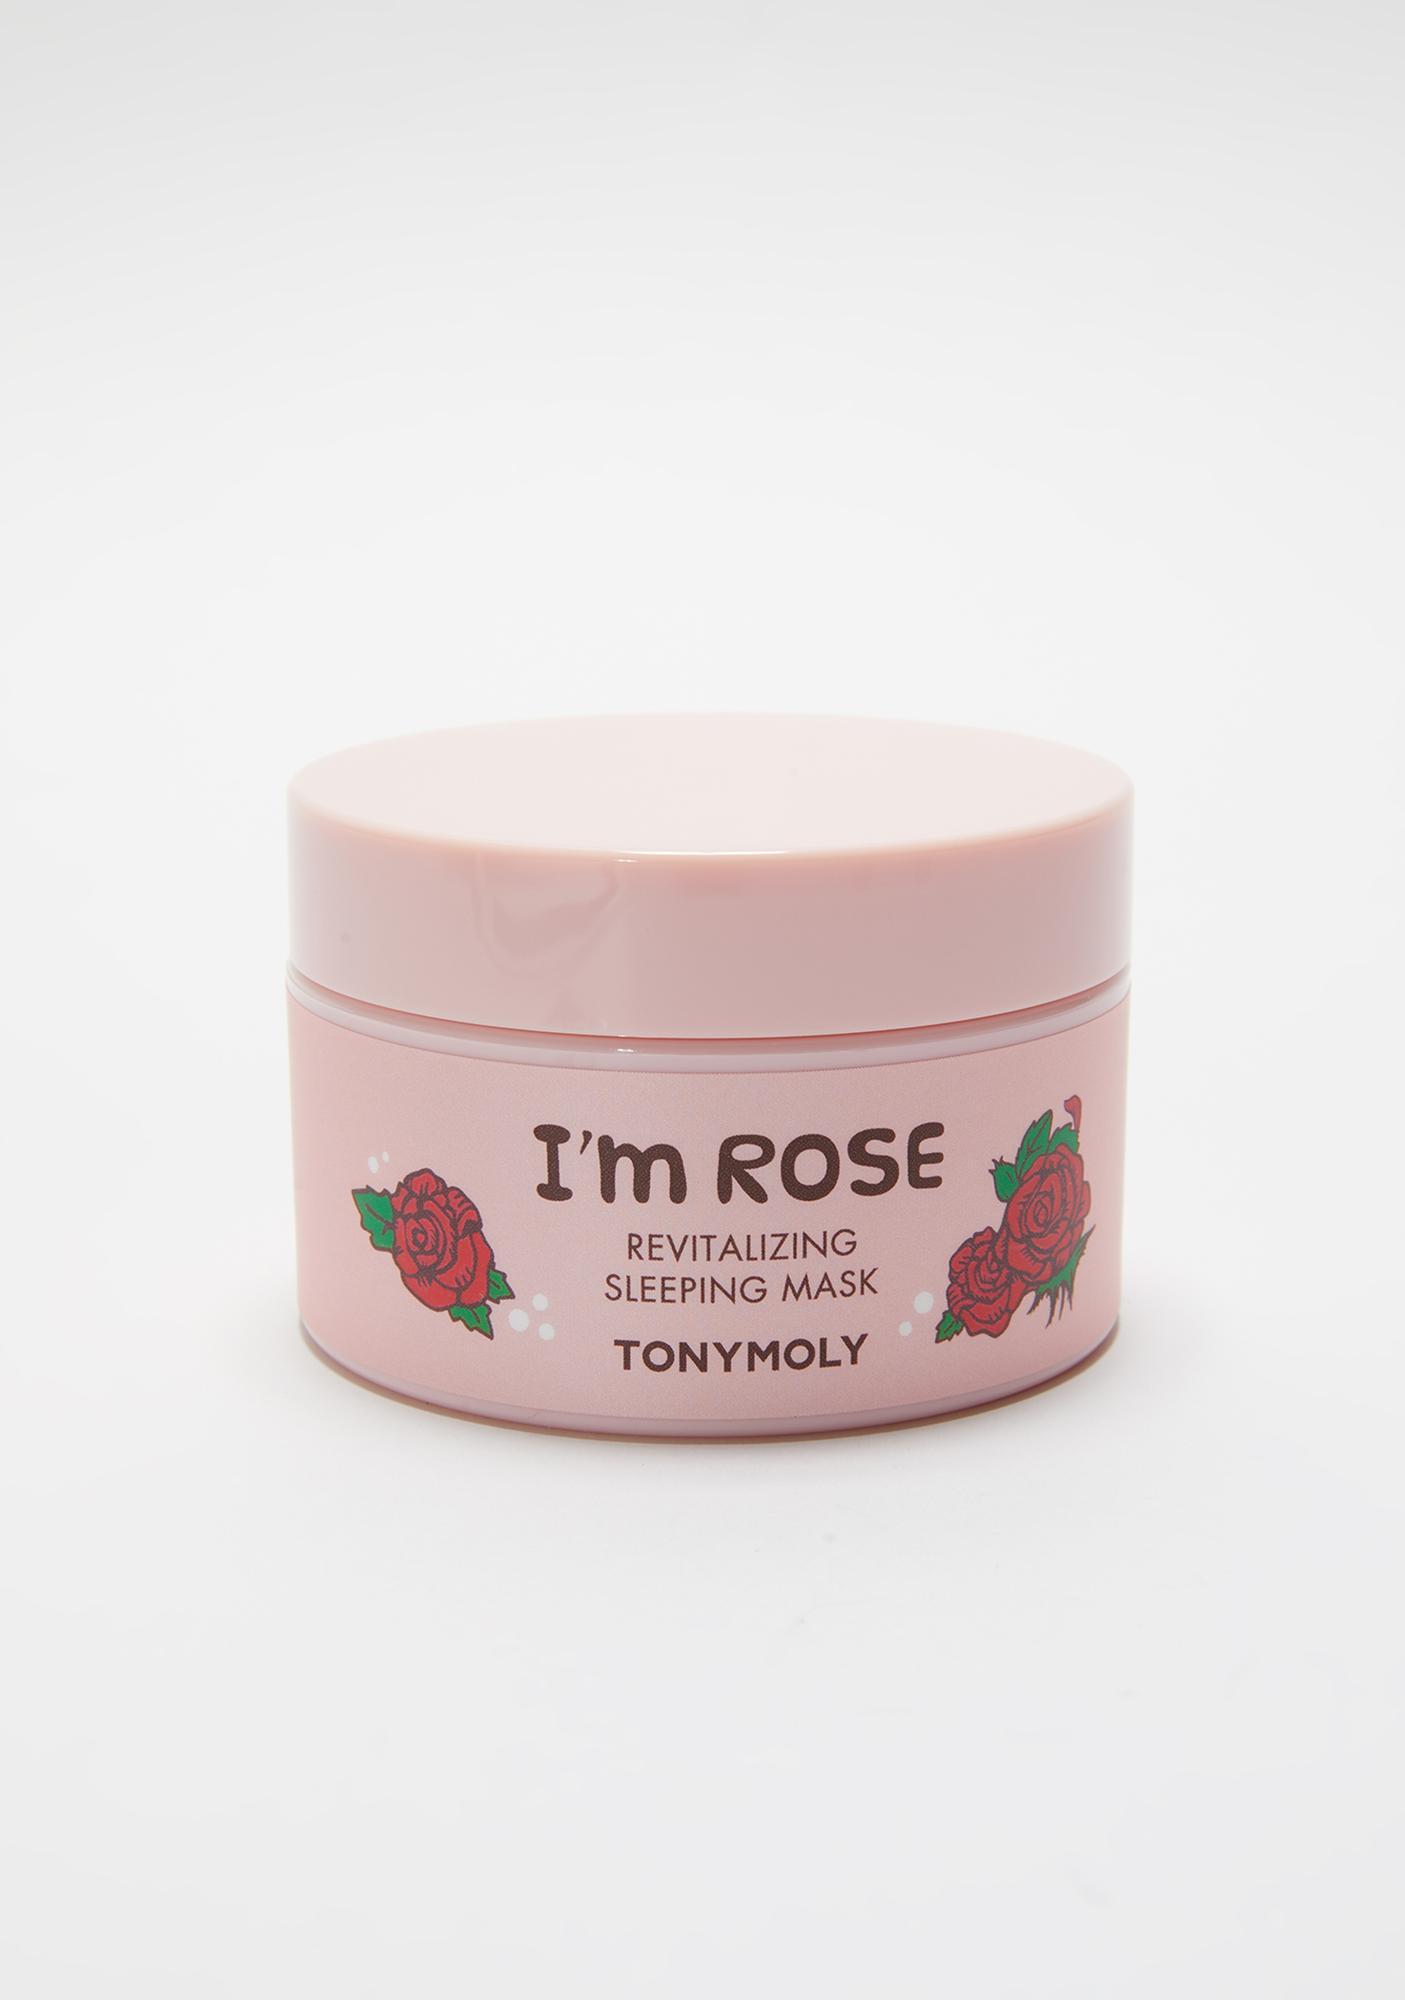 TONYMOLY I'm Rose Revitalizing Sleep Mask